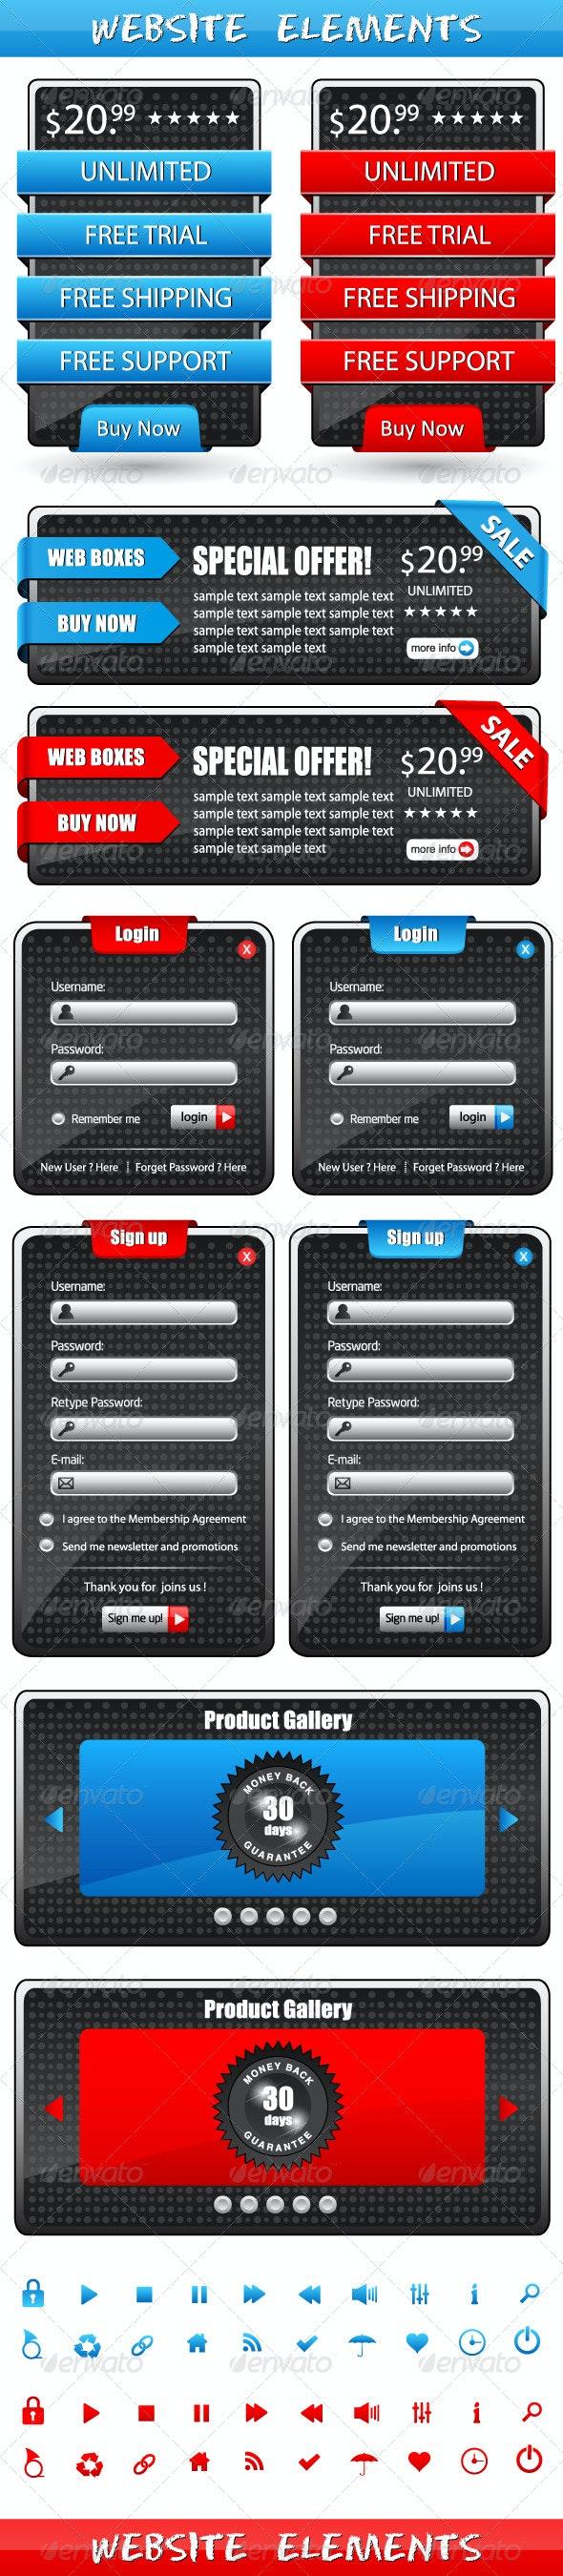 Website Elements - Web Elements